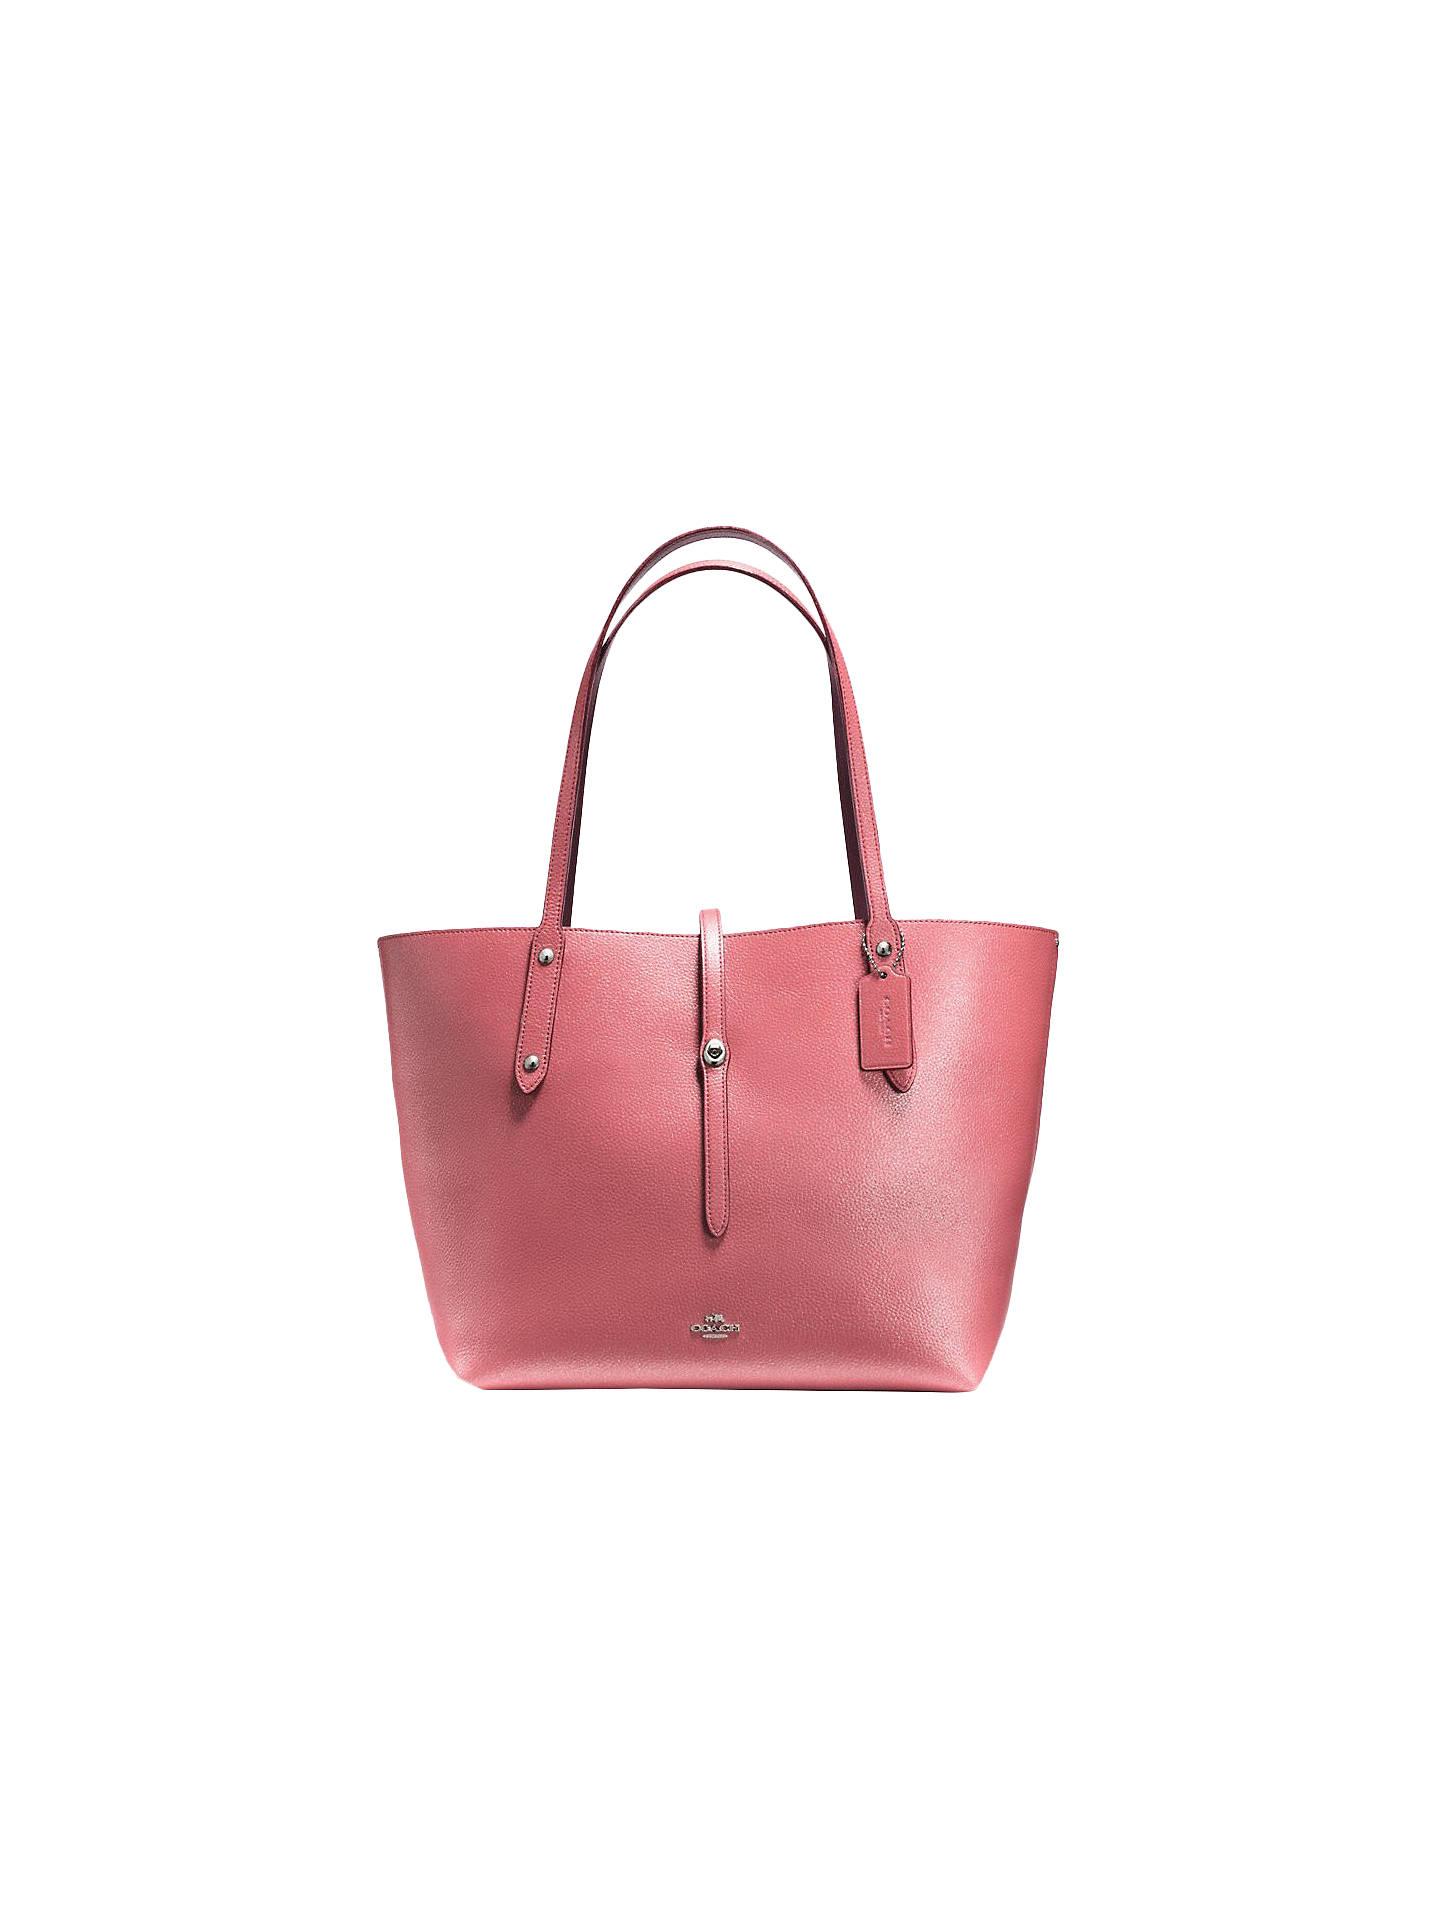 d2ba25ba6 Buy Coach Market Leather Tote Bag, Glitter Rose Gold Online at  johnlewis.com ...